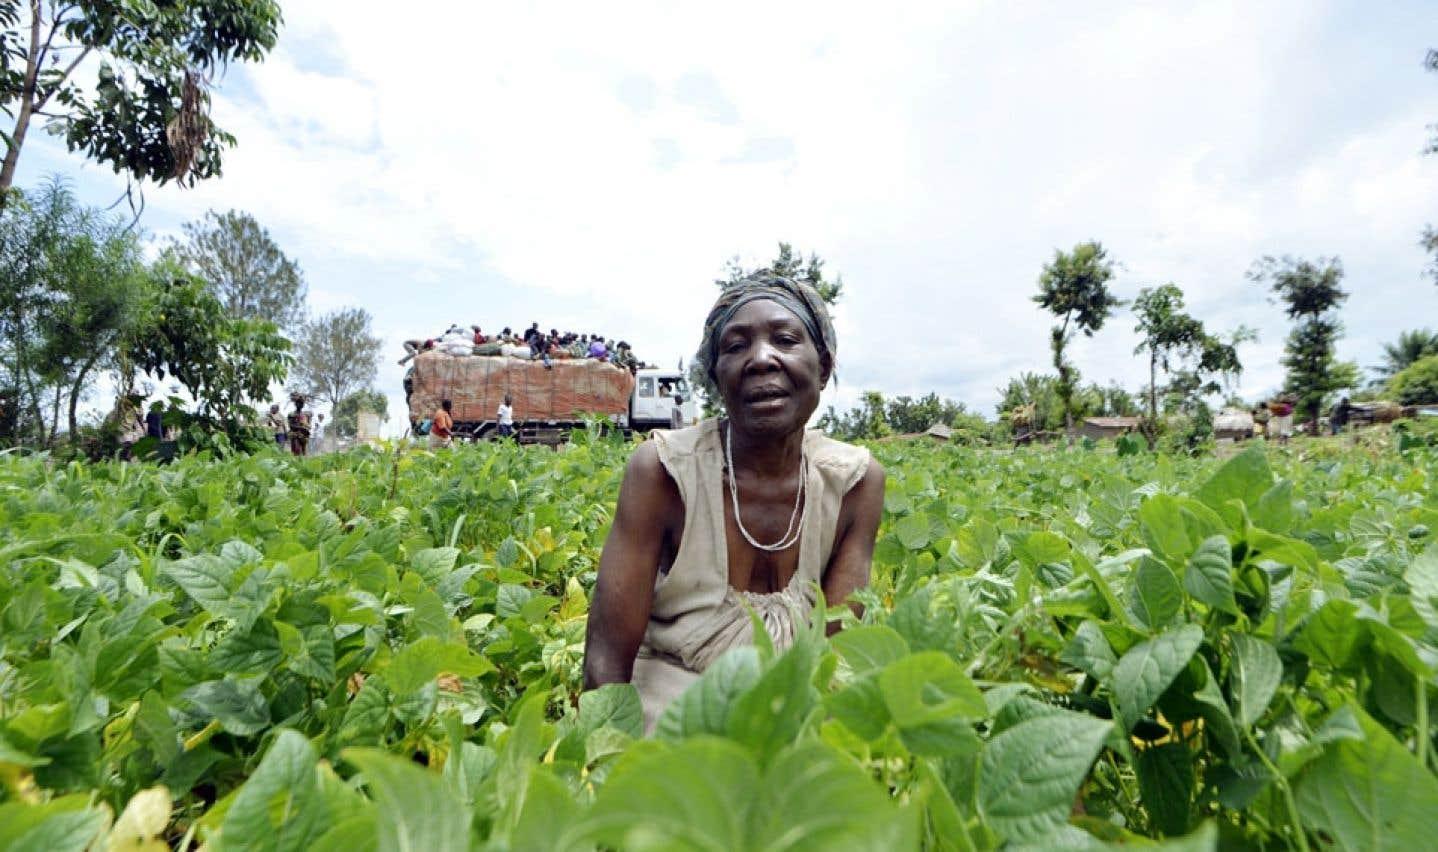 L'objectif du projet de l'Institut de la Francophonie pour le développement durable est ultimement de réduire la pauvreté en milieu rural grâce aux énergies renouvelables.